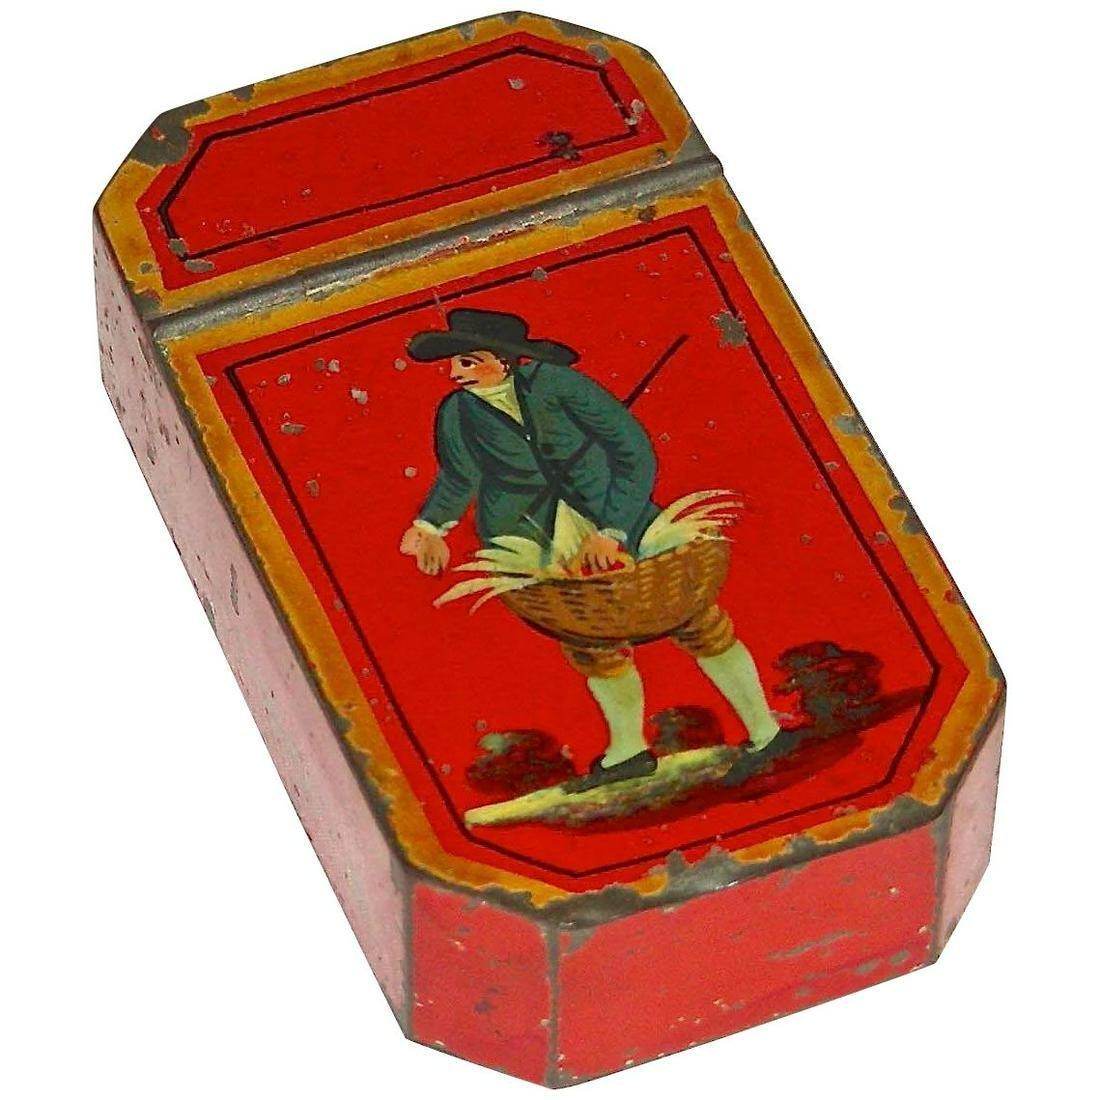 Red Decorated Toleware Snuff Box, c. 1840